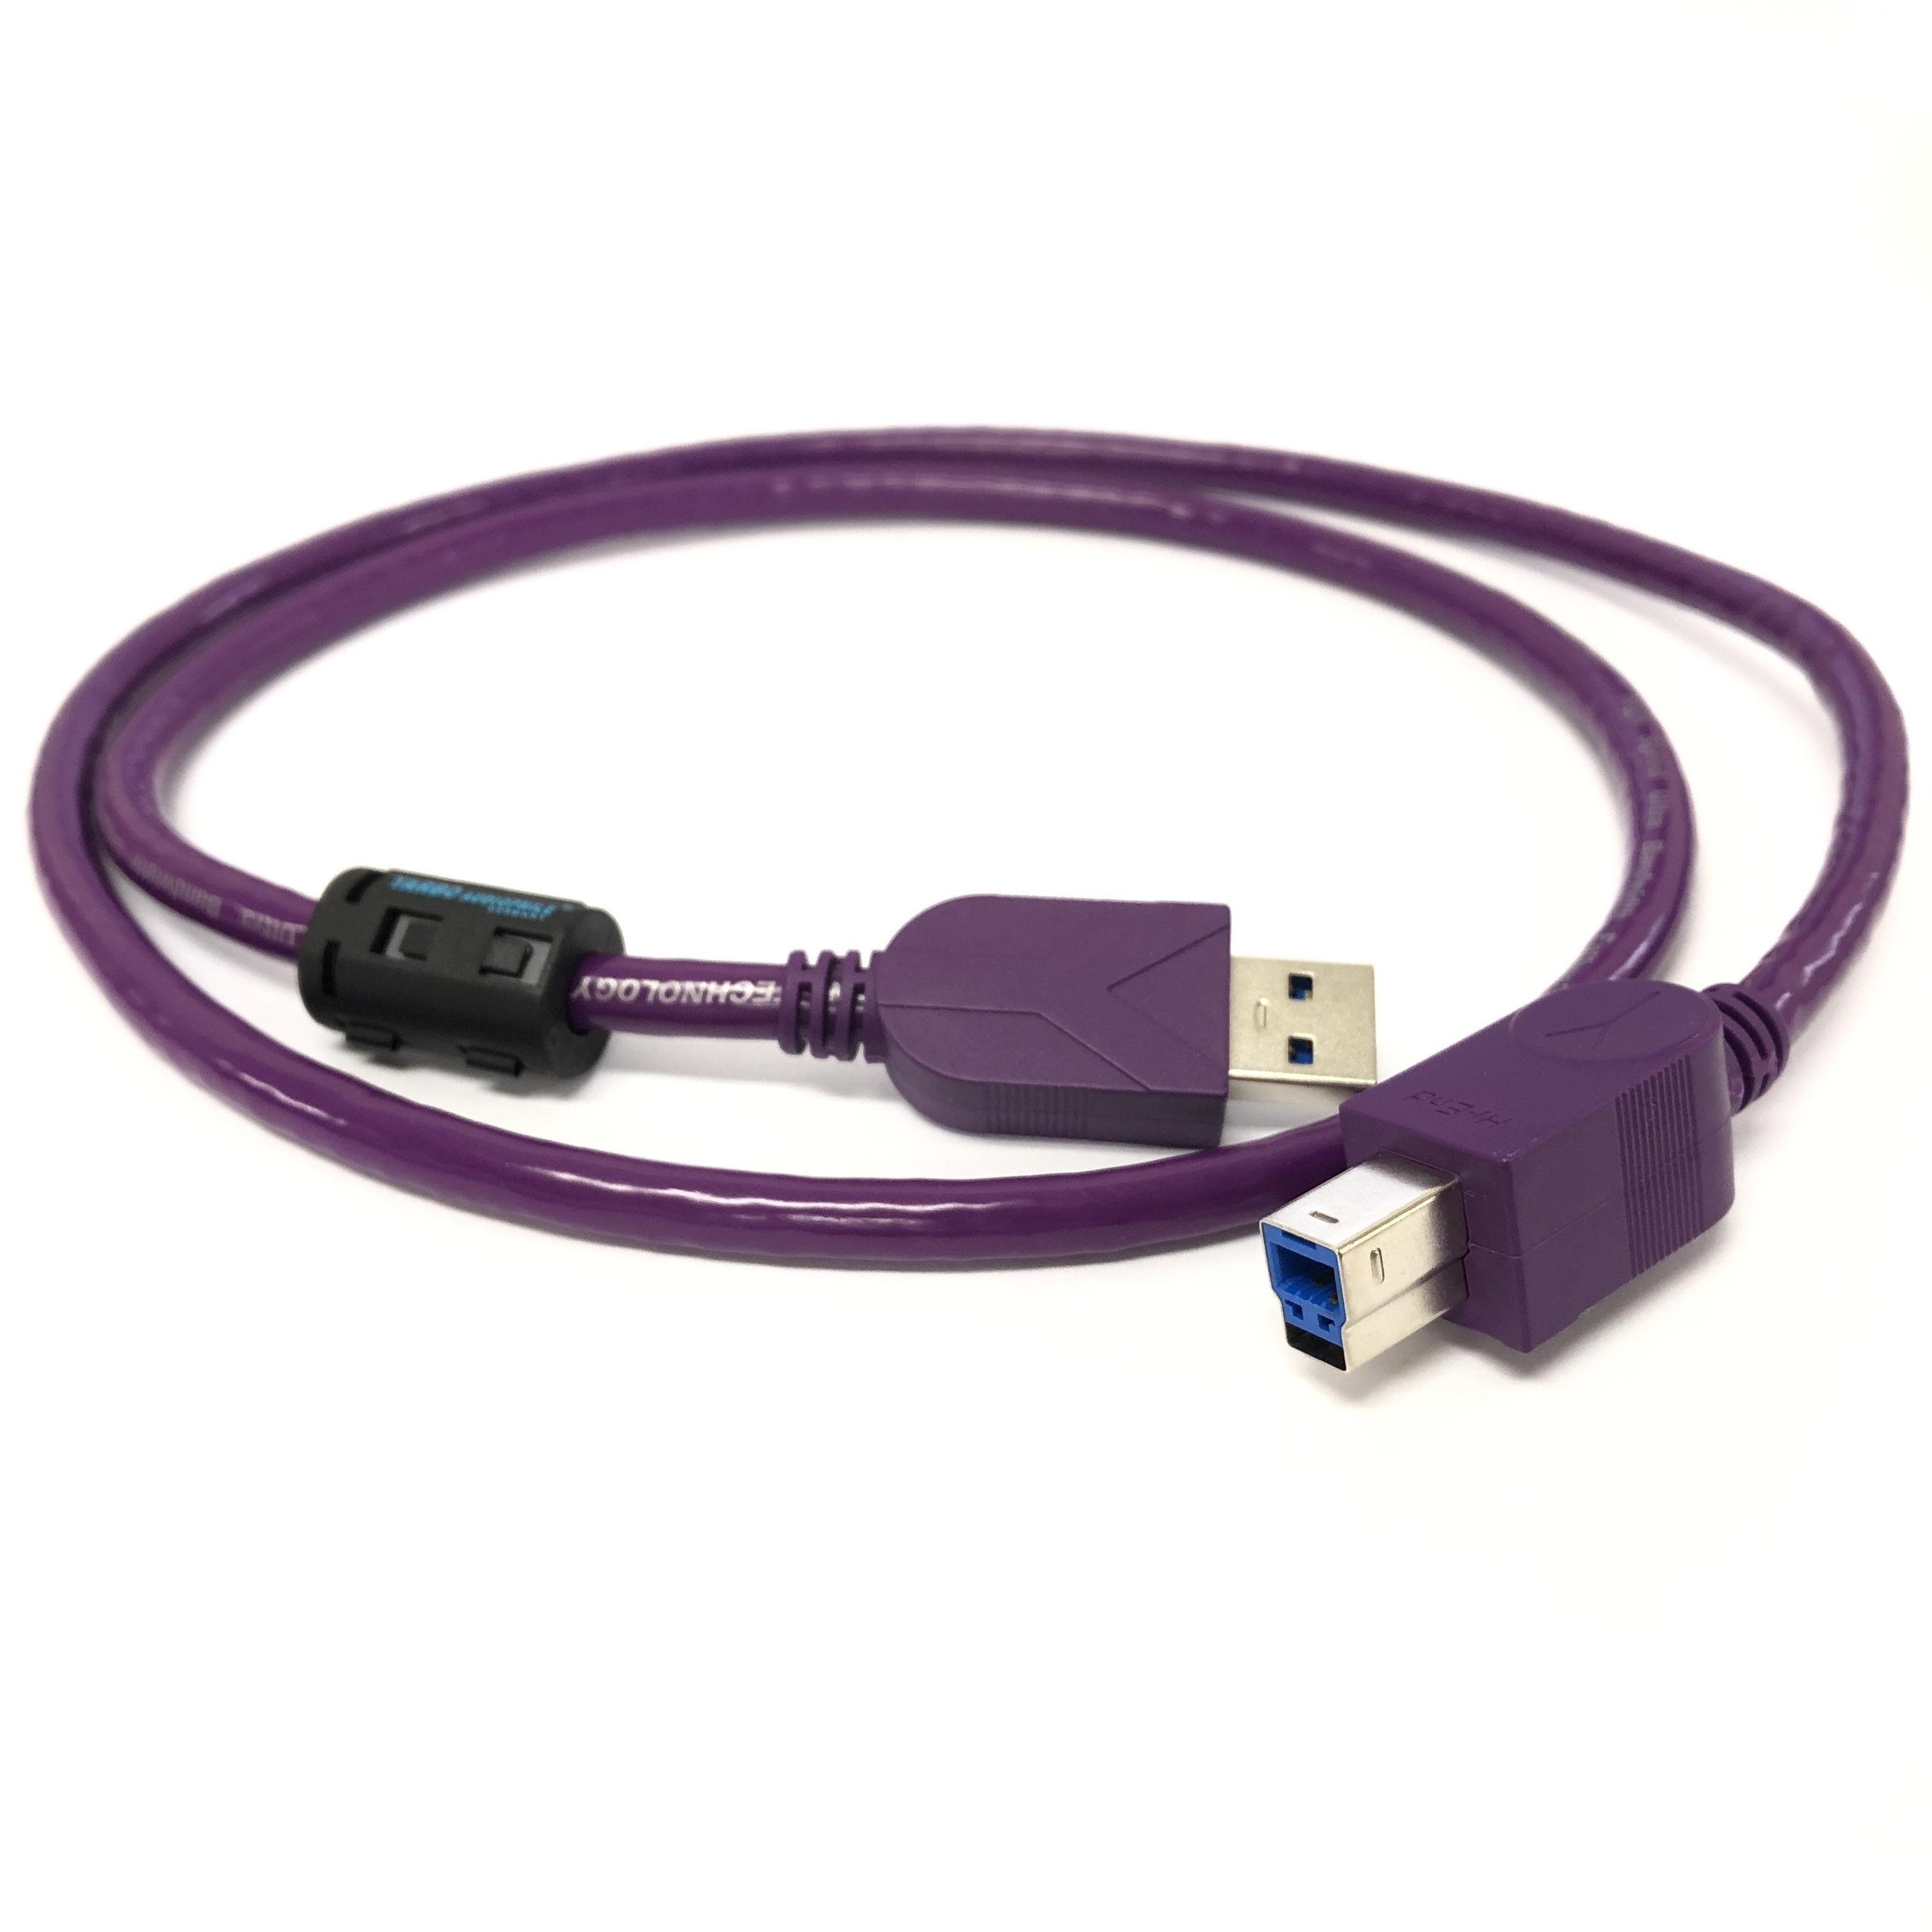 【アウトレット 数量限定】FP-USB3.0 銀メッキ銅線 USB3.0 A-Bタイプ 1m::YARBO